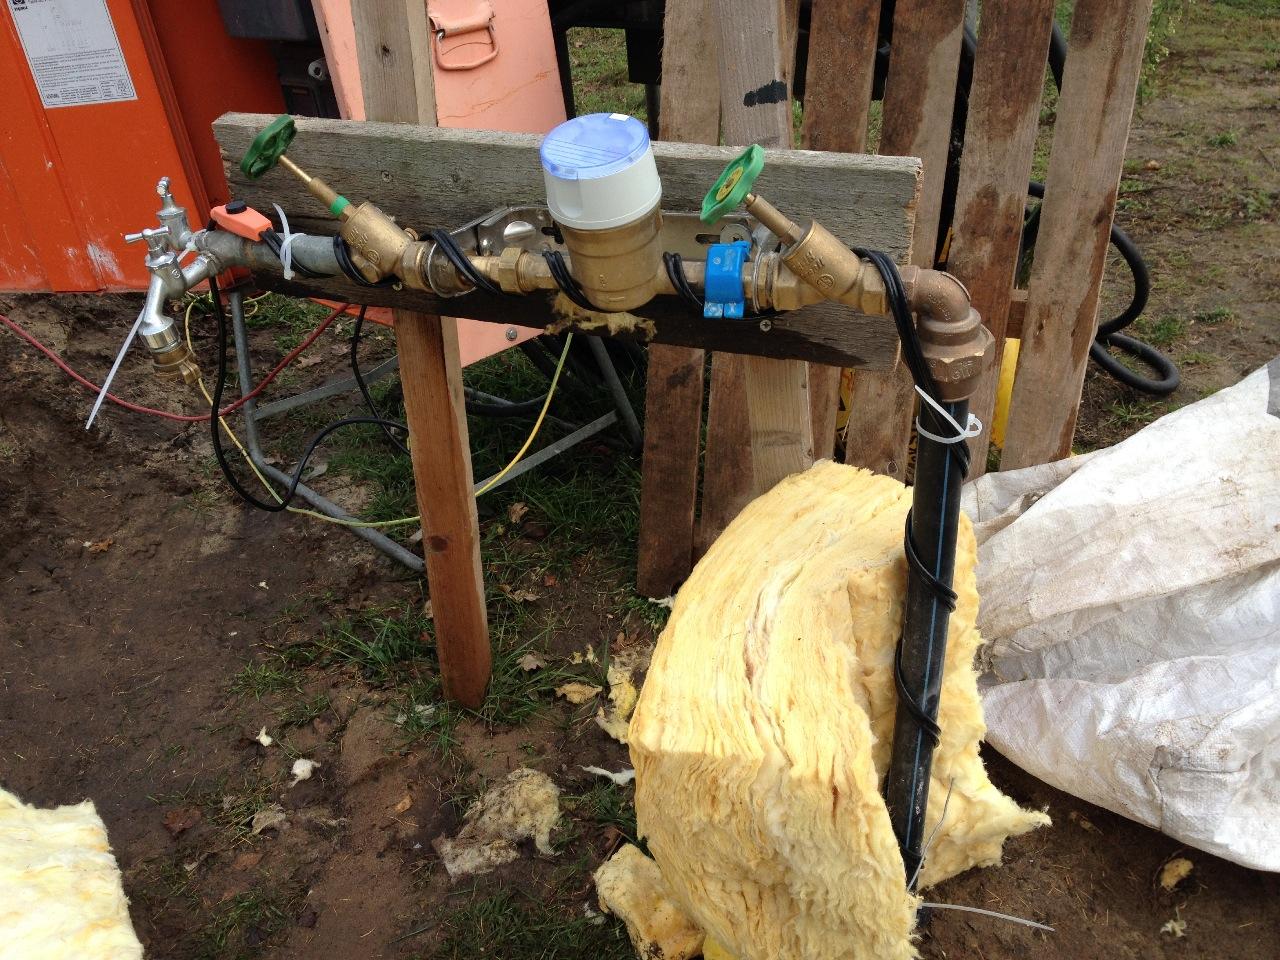 Mit einem Heizkabel wird der gesamte Bauwasseranschluss frostfrei gehalten